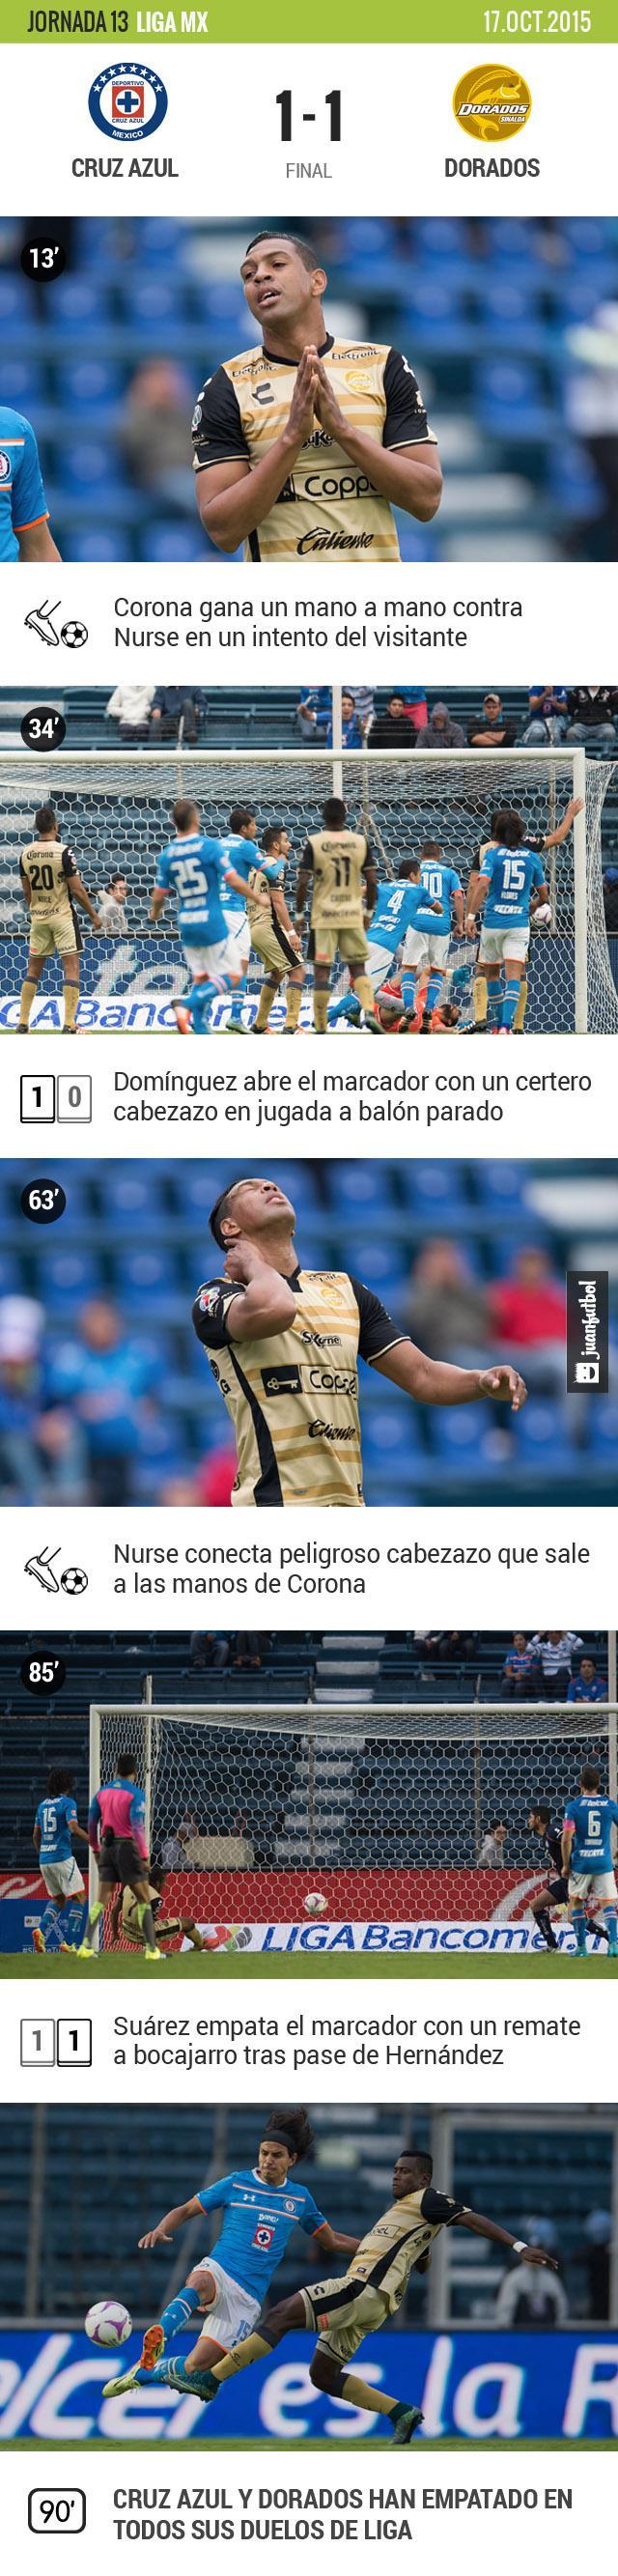 Dorados sacó un punto a Cruz Azul en los últimos minutos en la presentación de Tomás Boy